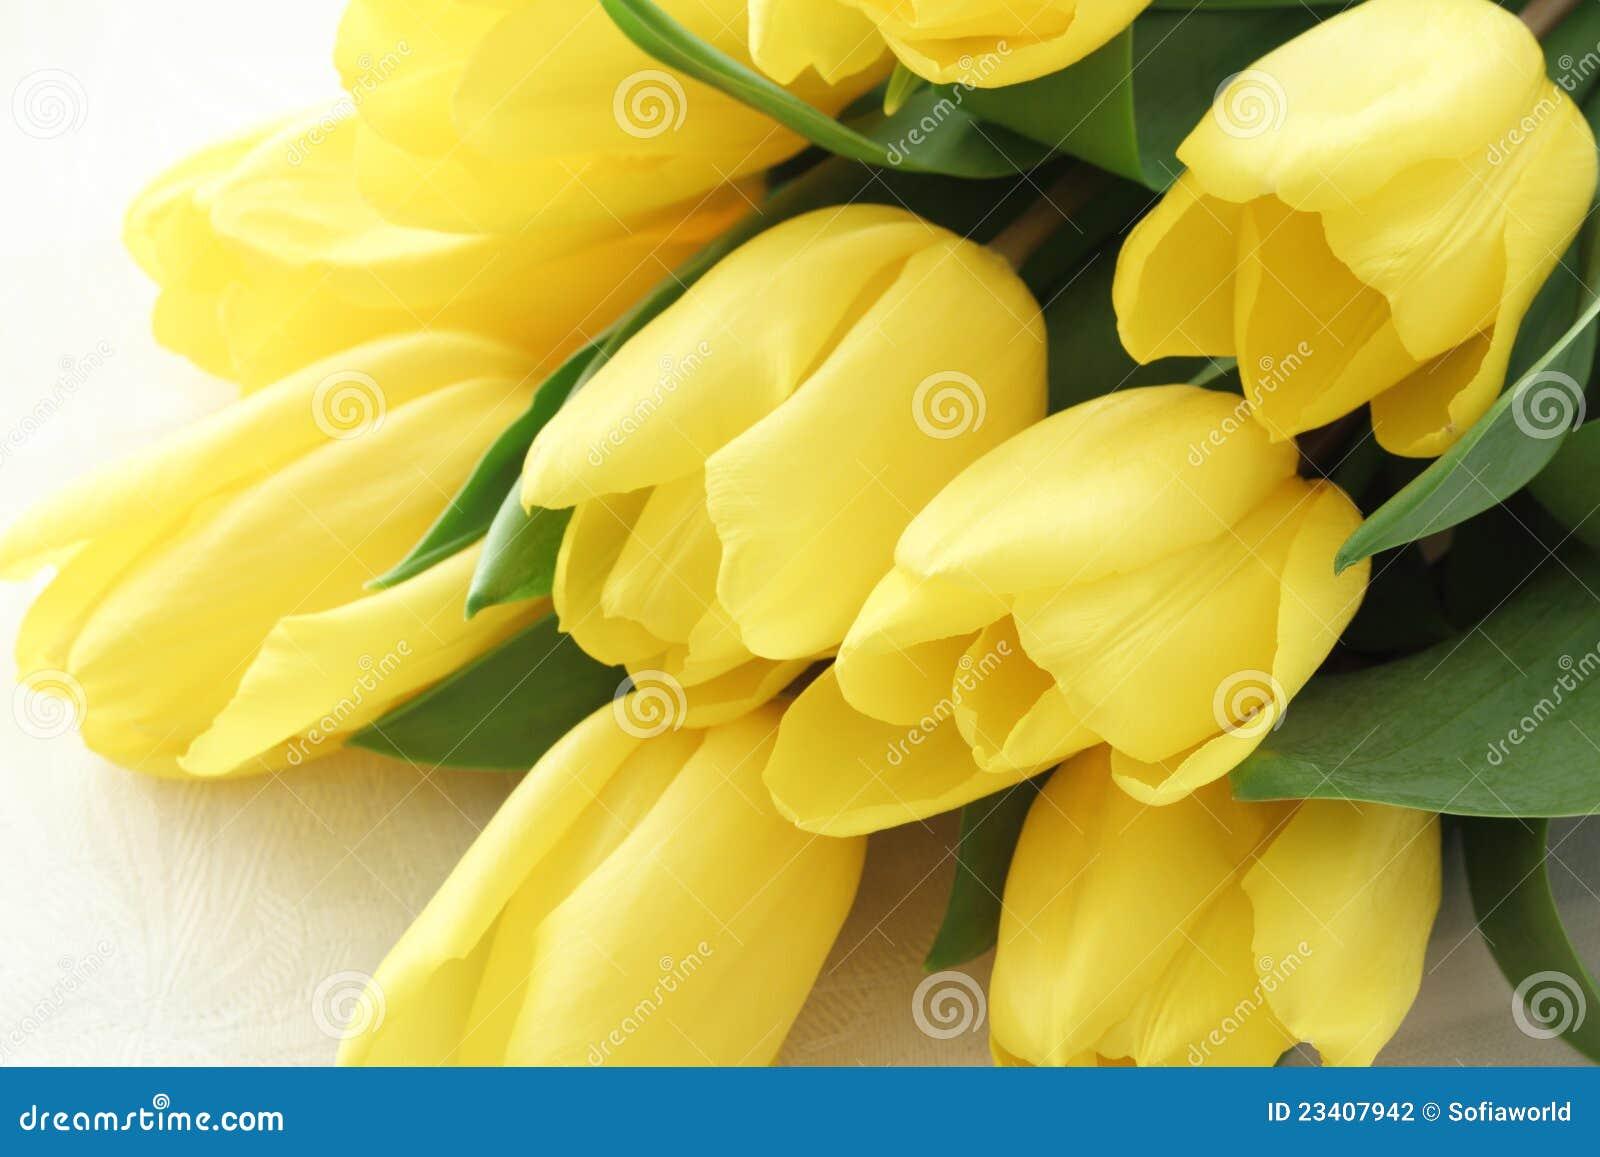 Tulipani gialli fotografia stock immagine 23407942 for Disegni del mazzo del secondo piano